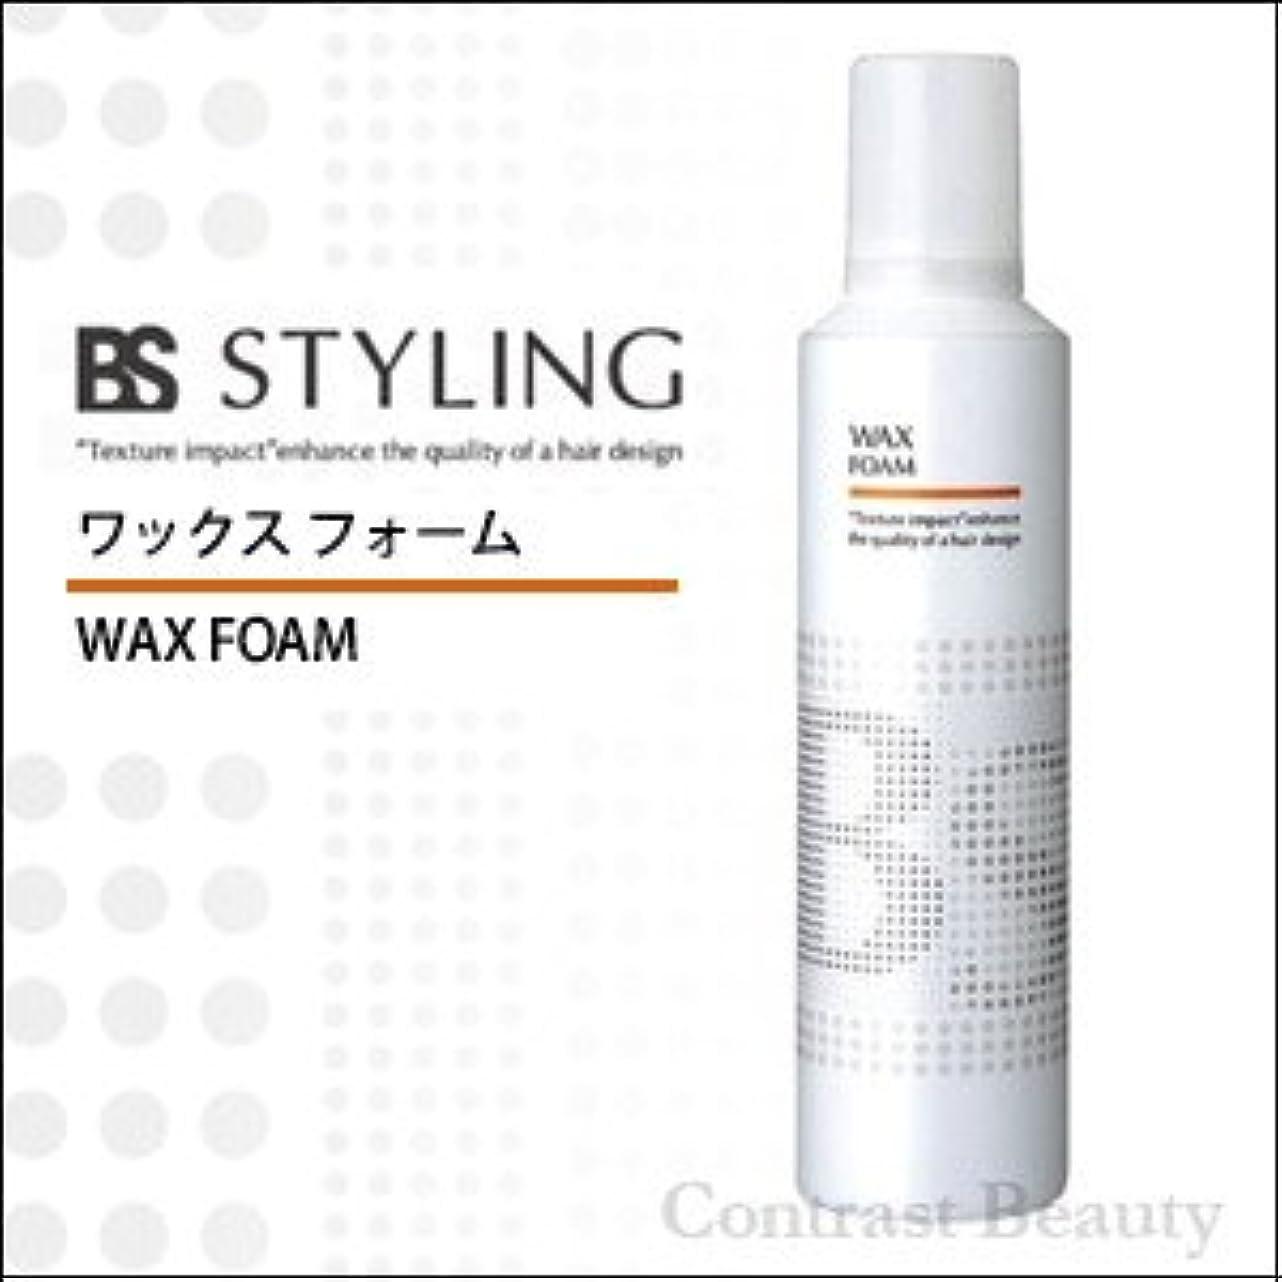 はねかけるレイ浴室【X4個セット】 アリミノ BSスタイリングFOAM ワックスフォーム 230g